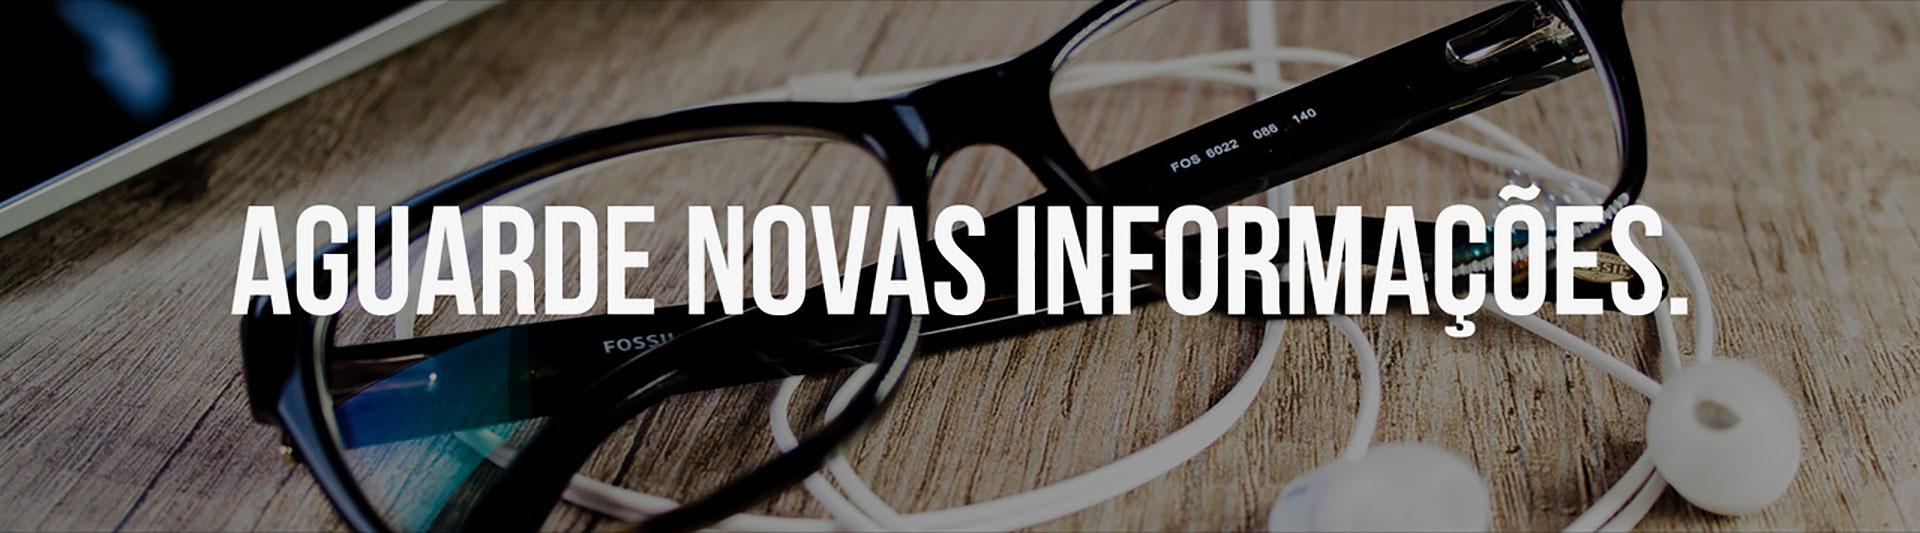 oculos-e-fone